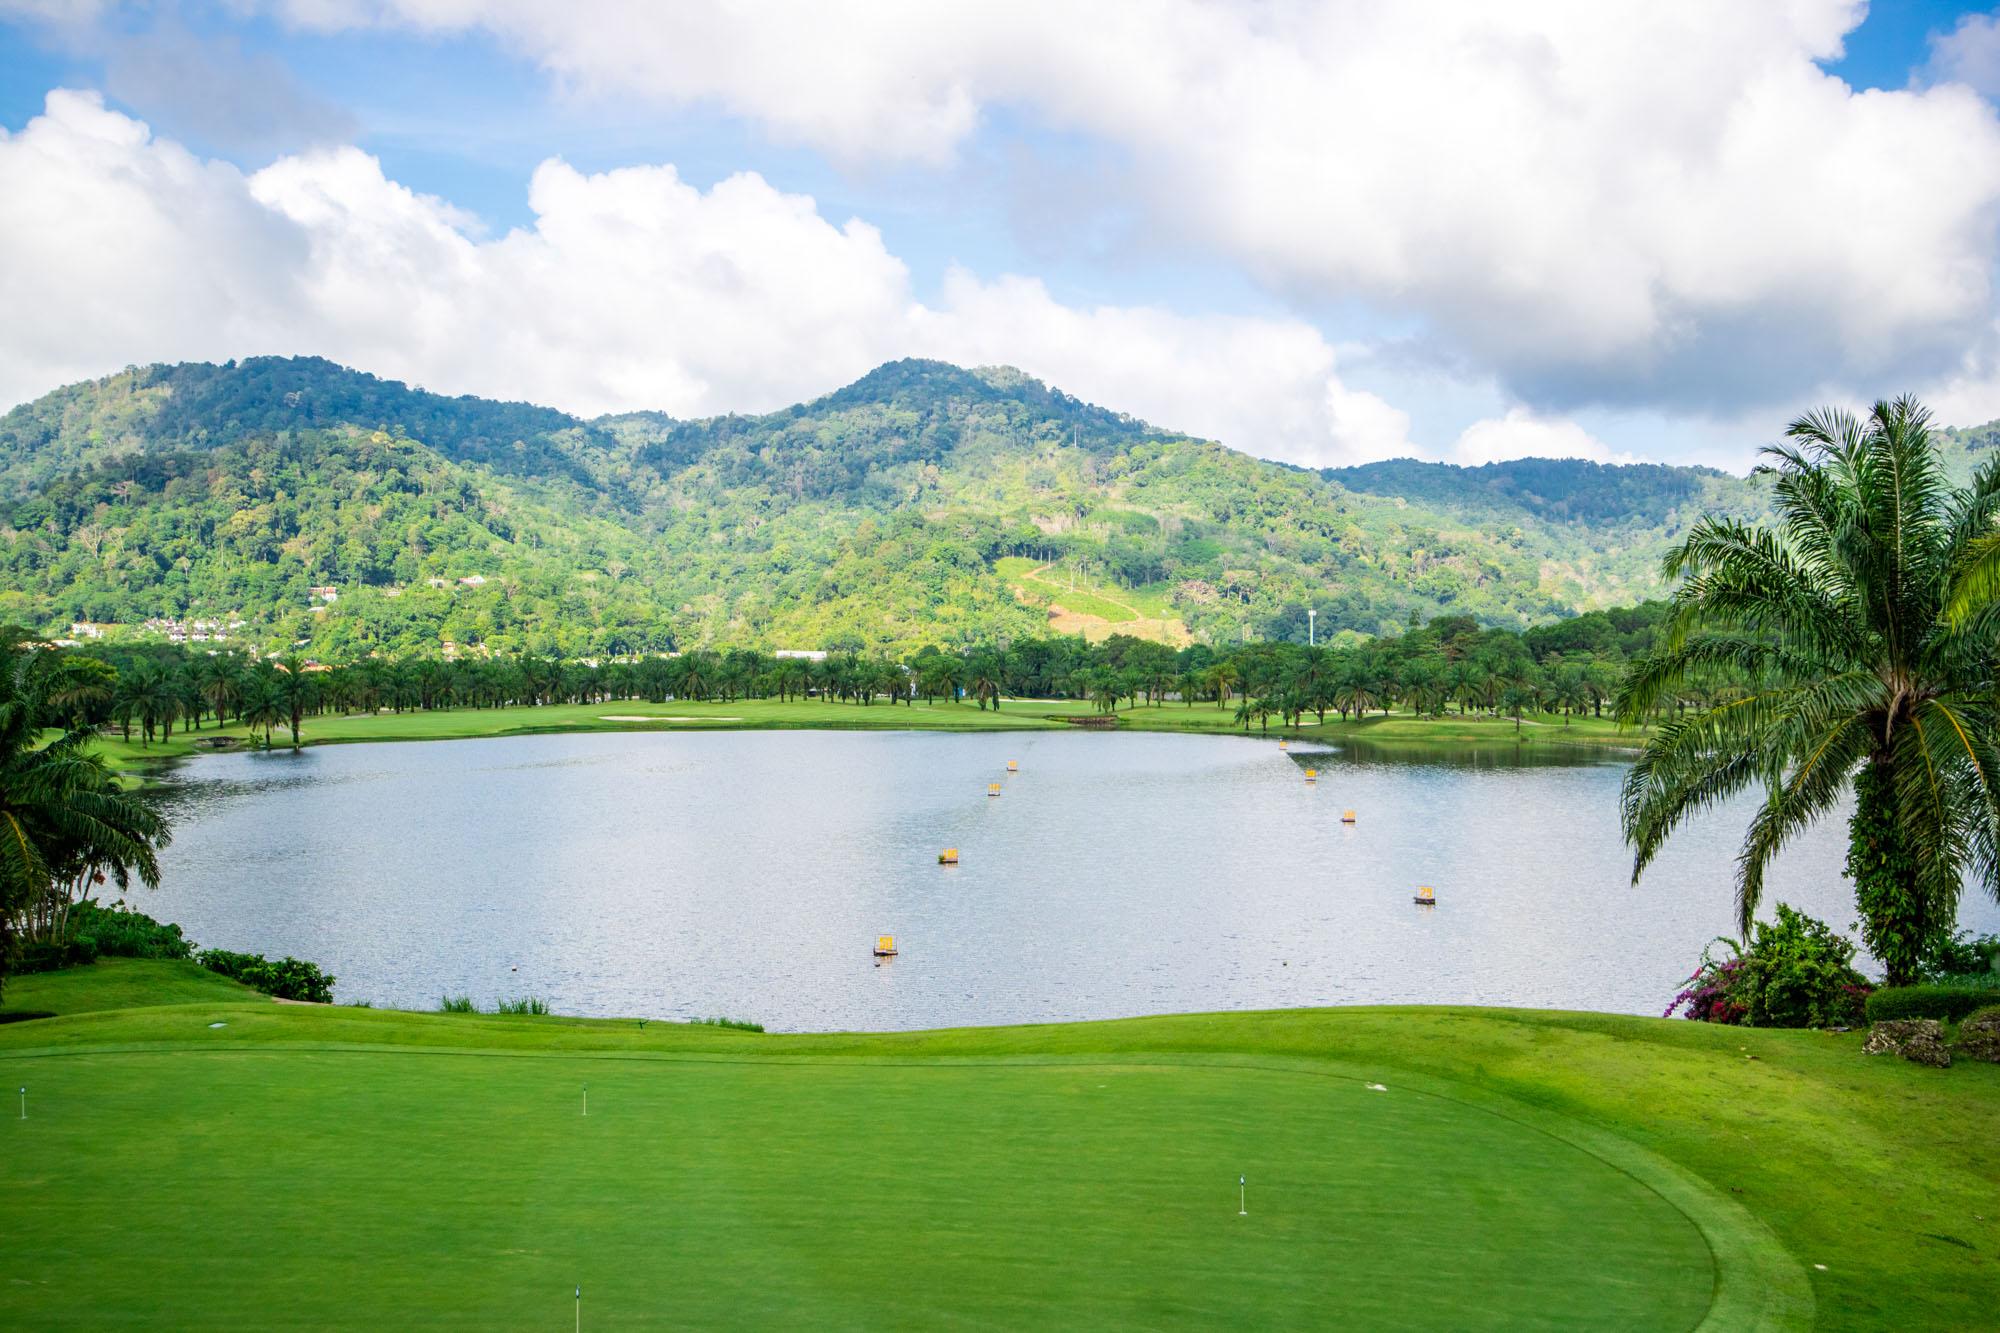 ทินิดี กอล์ฟ รีสอร์ท Tinidee Golf Resort Phuket  Tinidee Phuket ทินิดี กอล์ฟ รีสอร์ท แอท ภูเก็ต IMG 8412